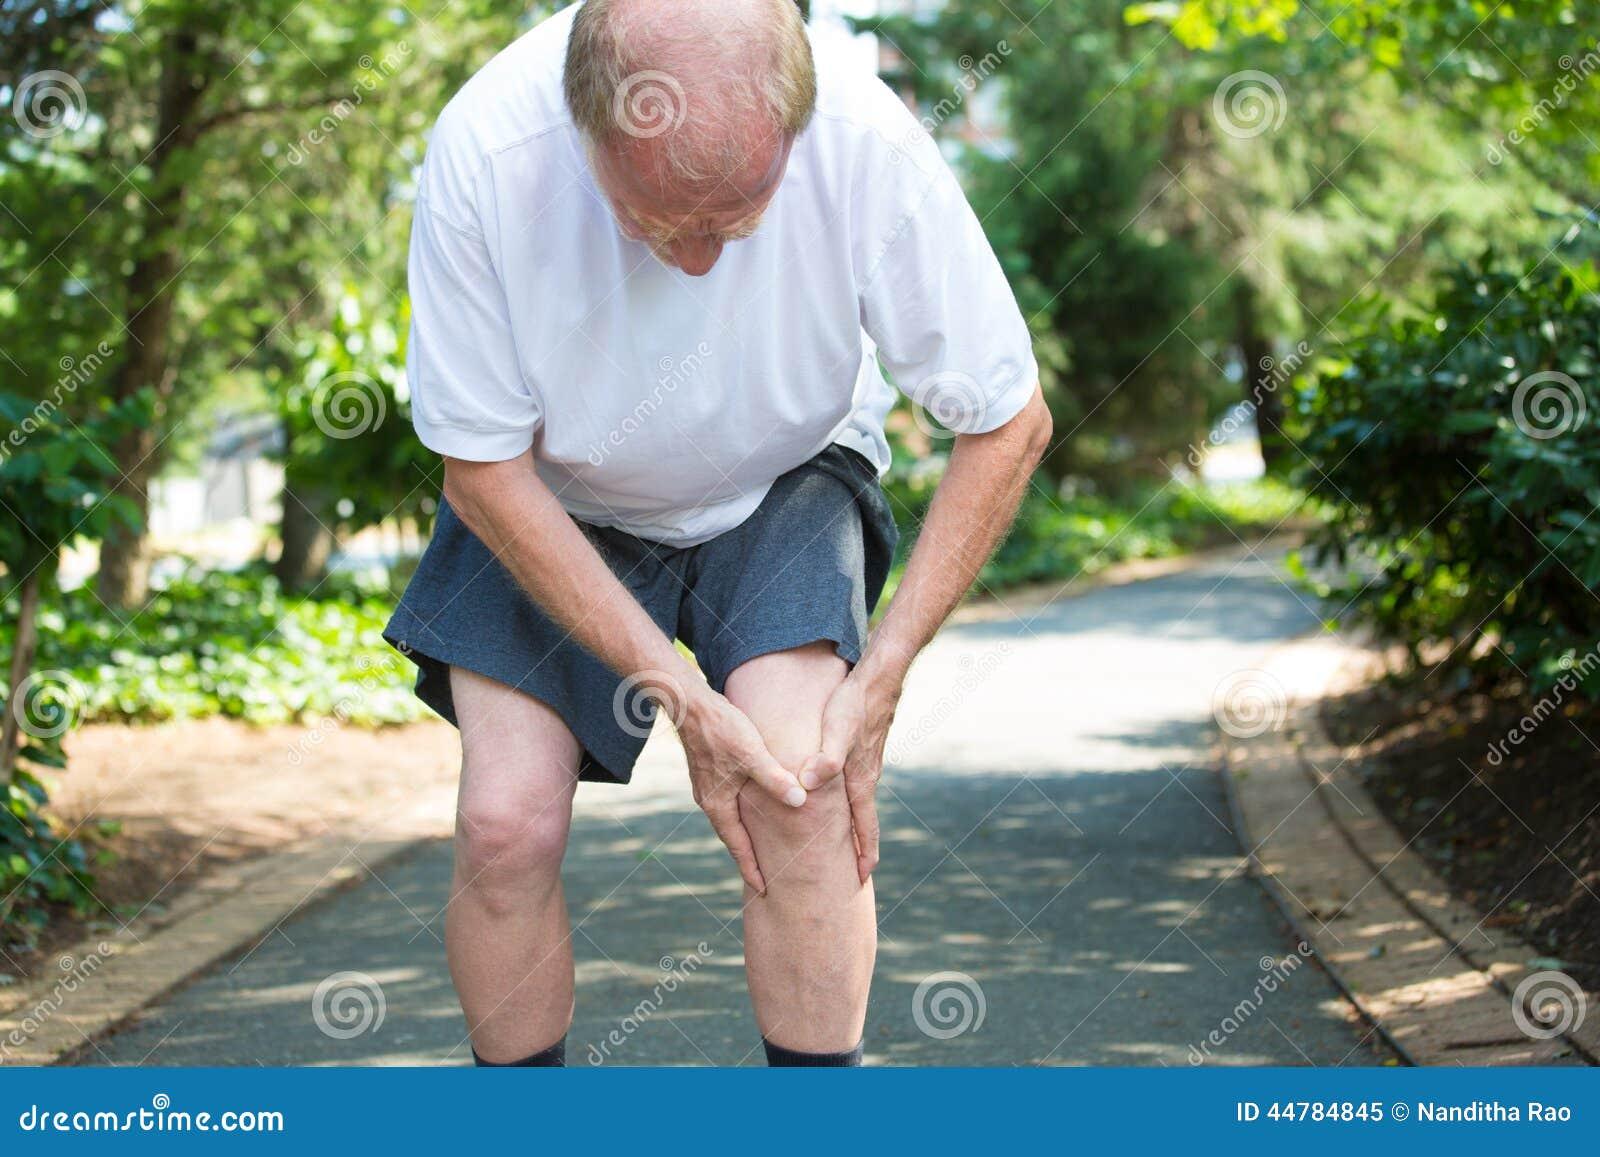 伤害膝盖公痛苦赛跑者连续体育运动